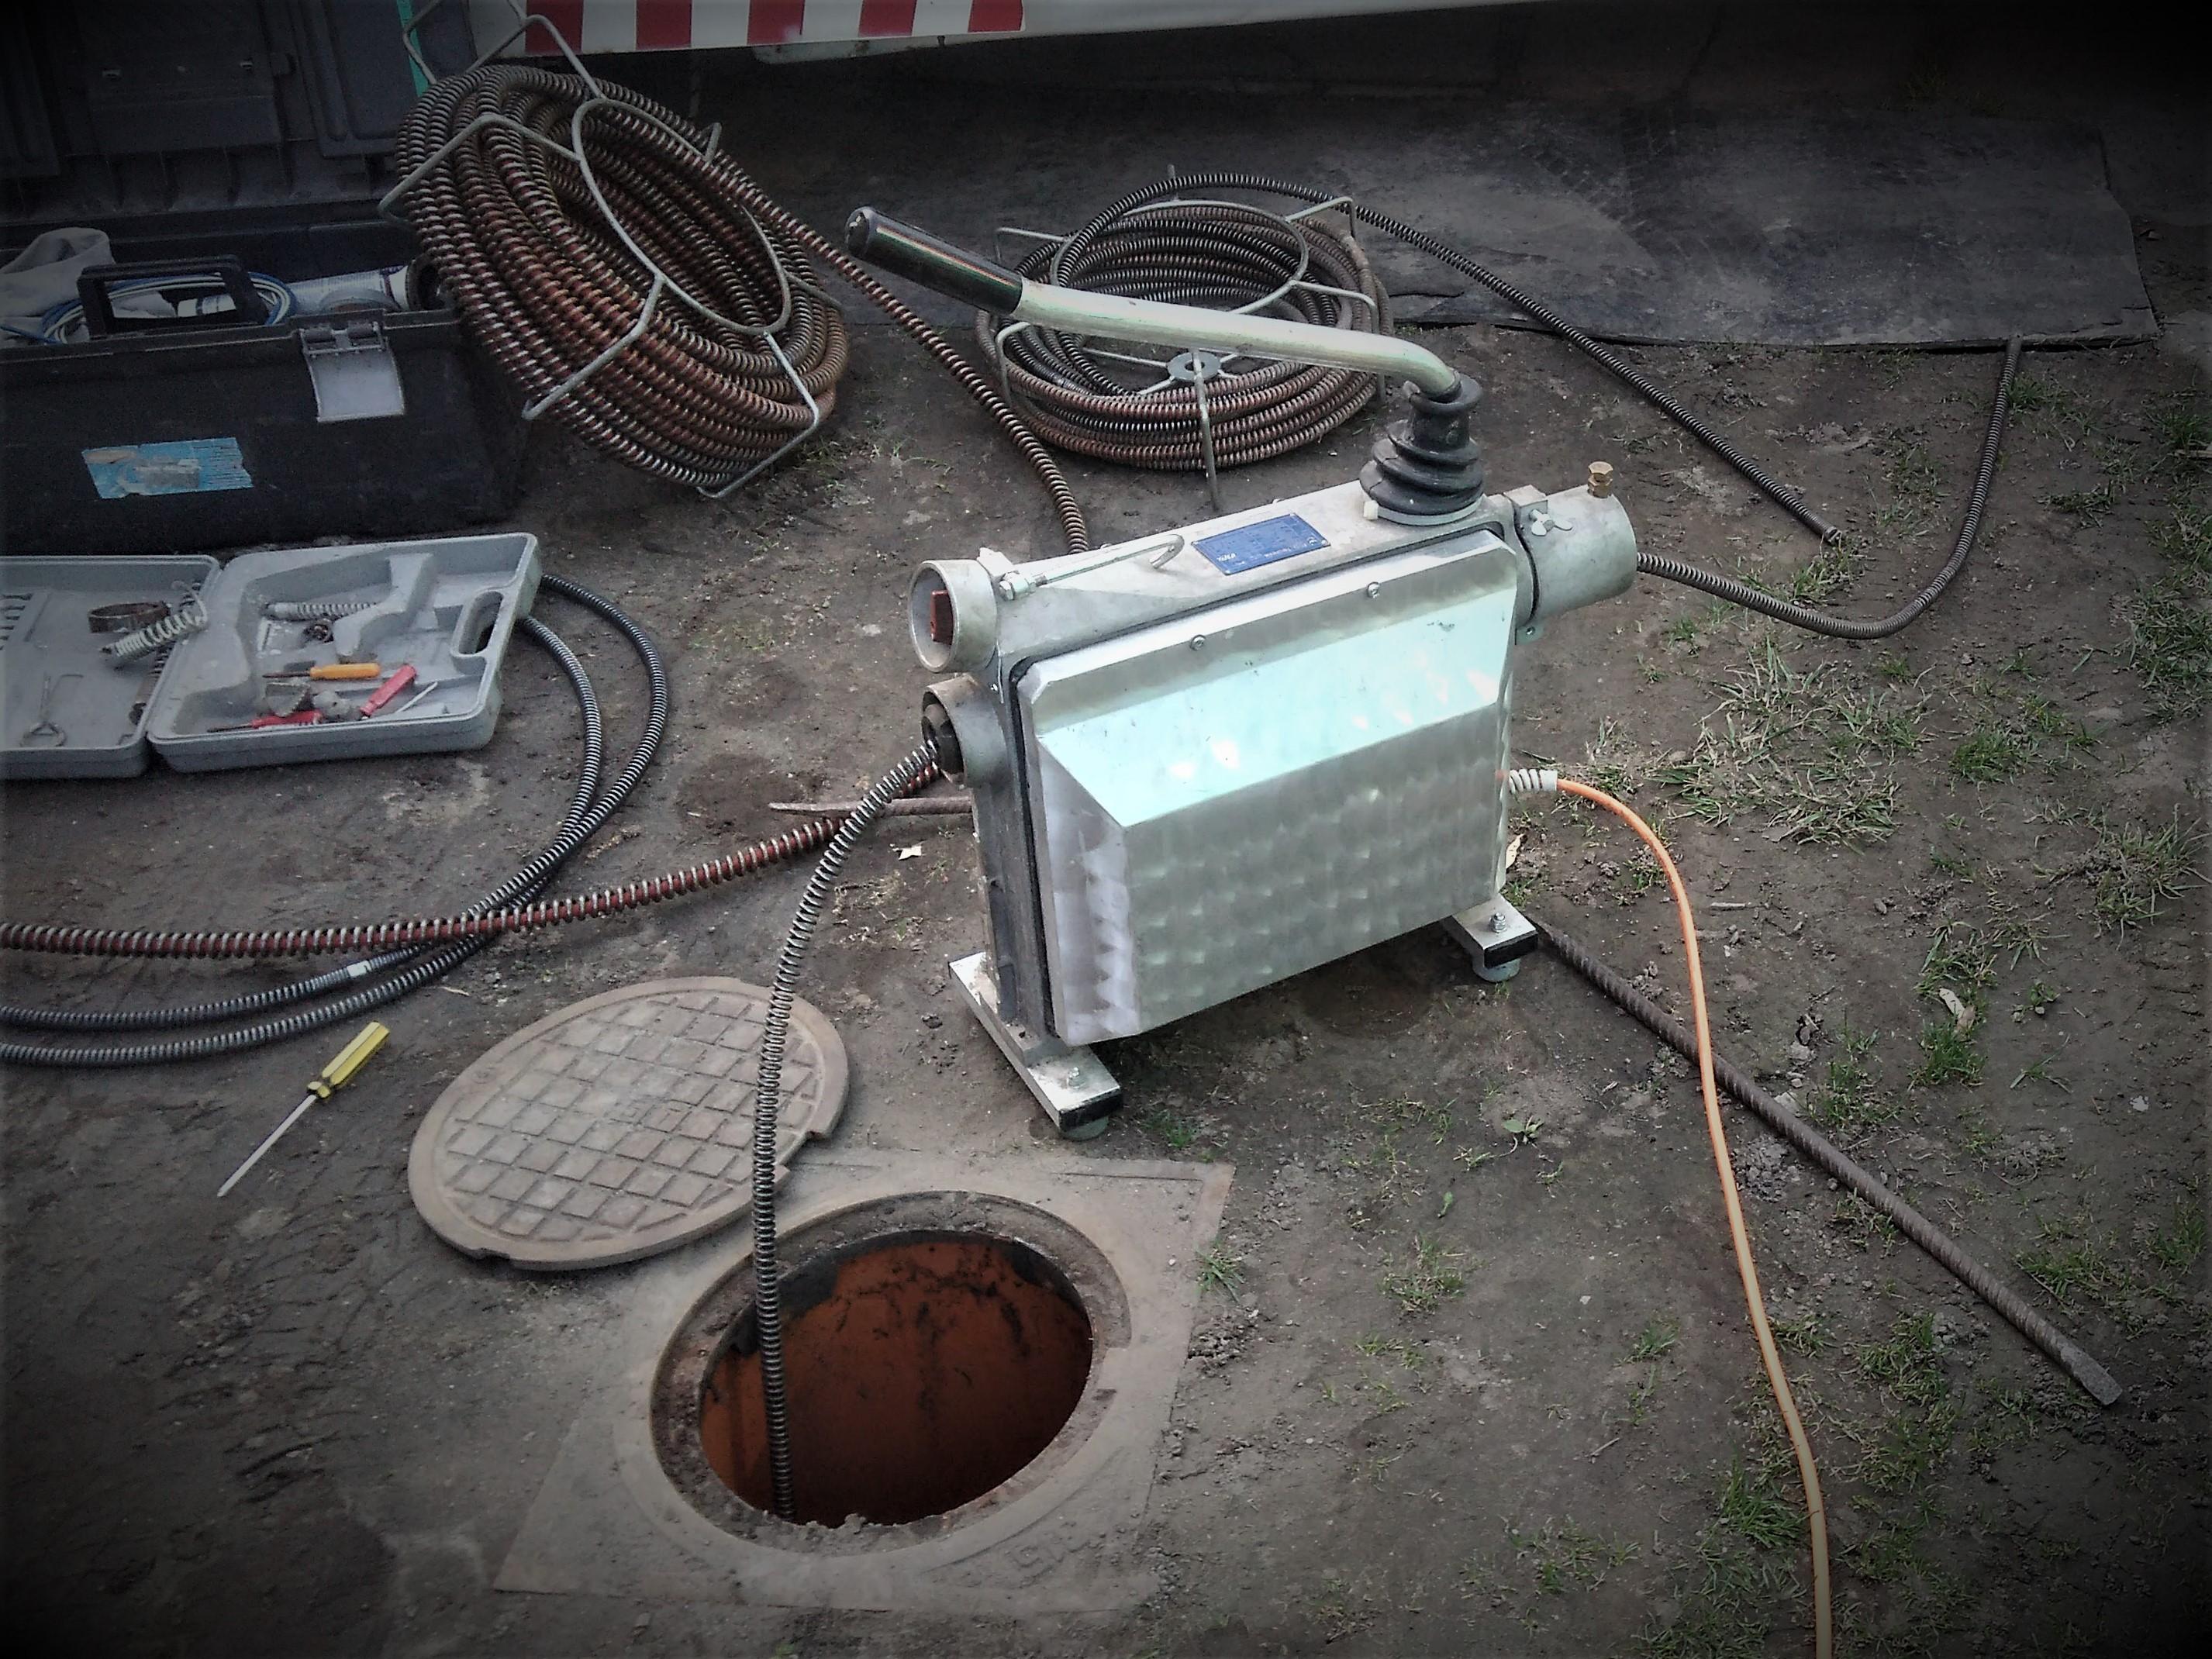 Topnotch Mechaniczne udrażnianie rur sprężyną elektryczną: kan-max.pl FU12